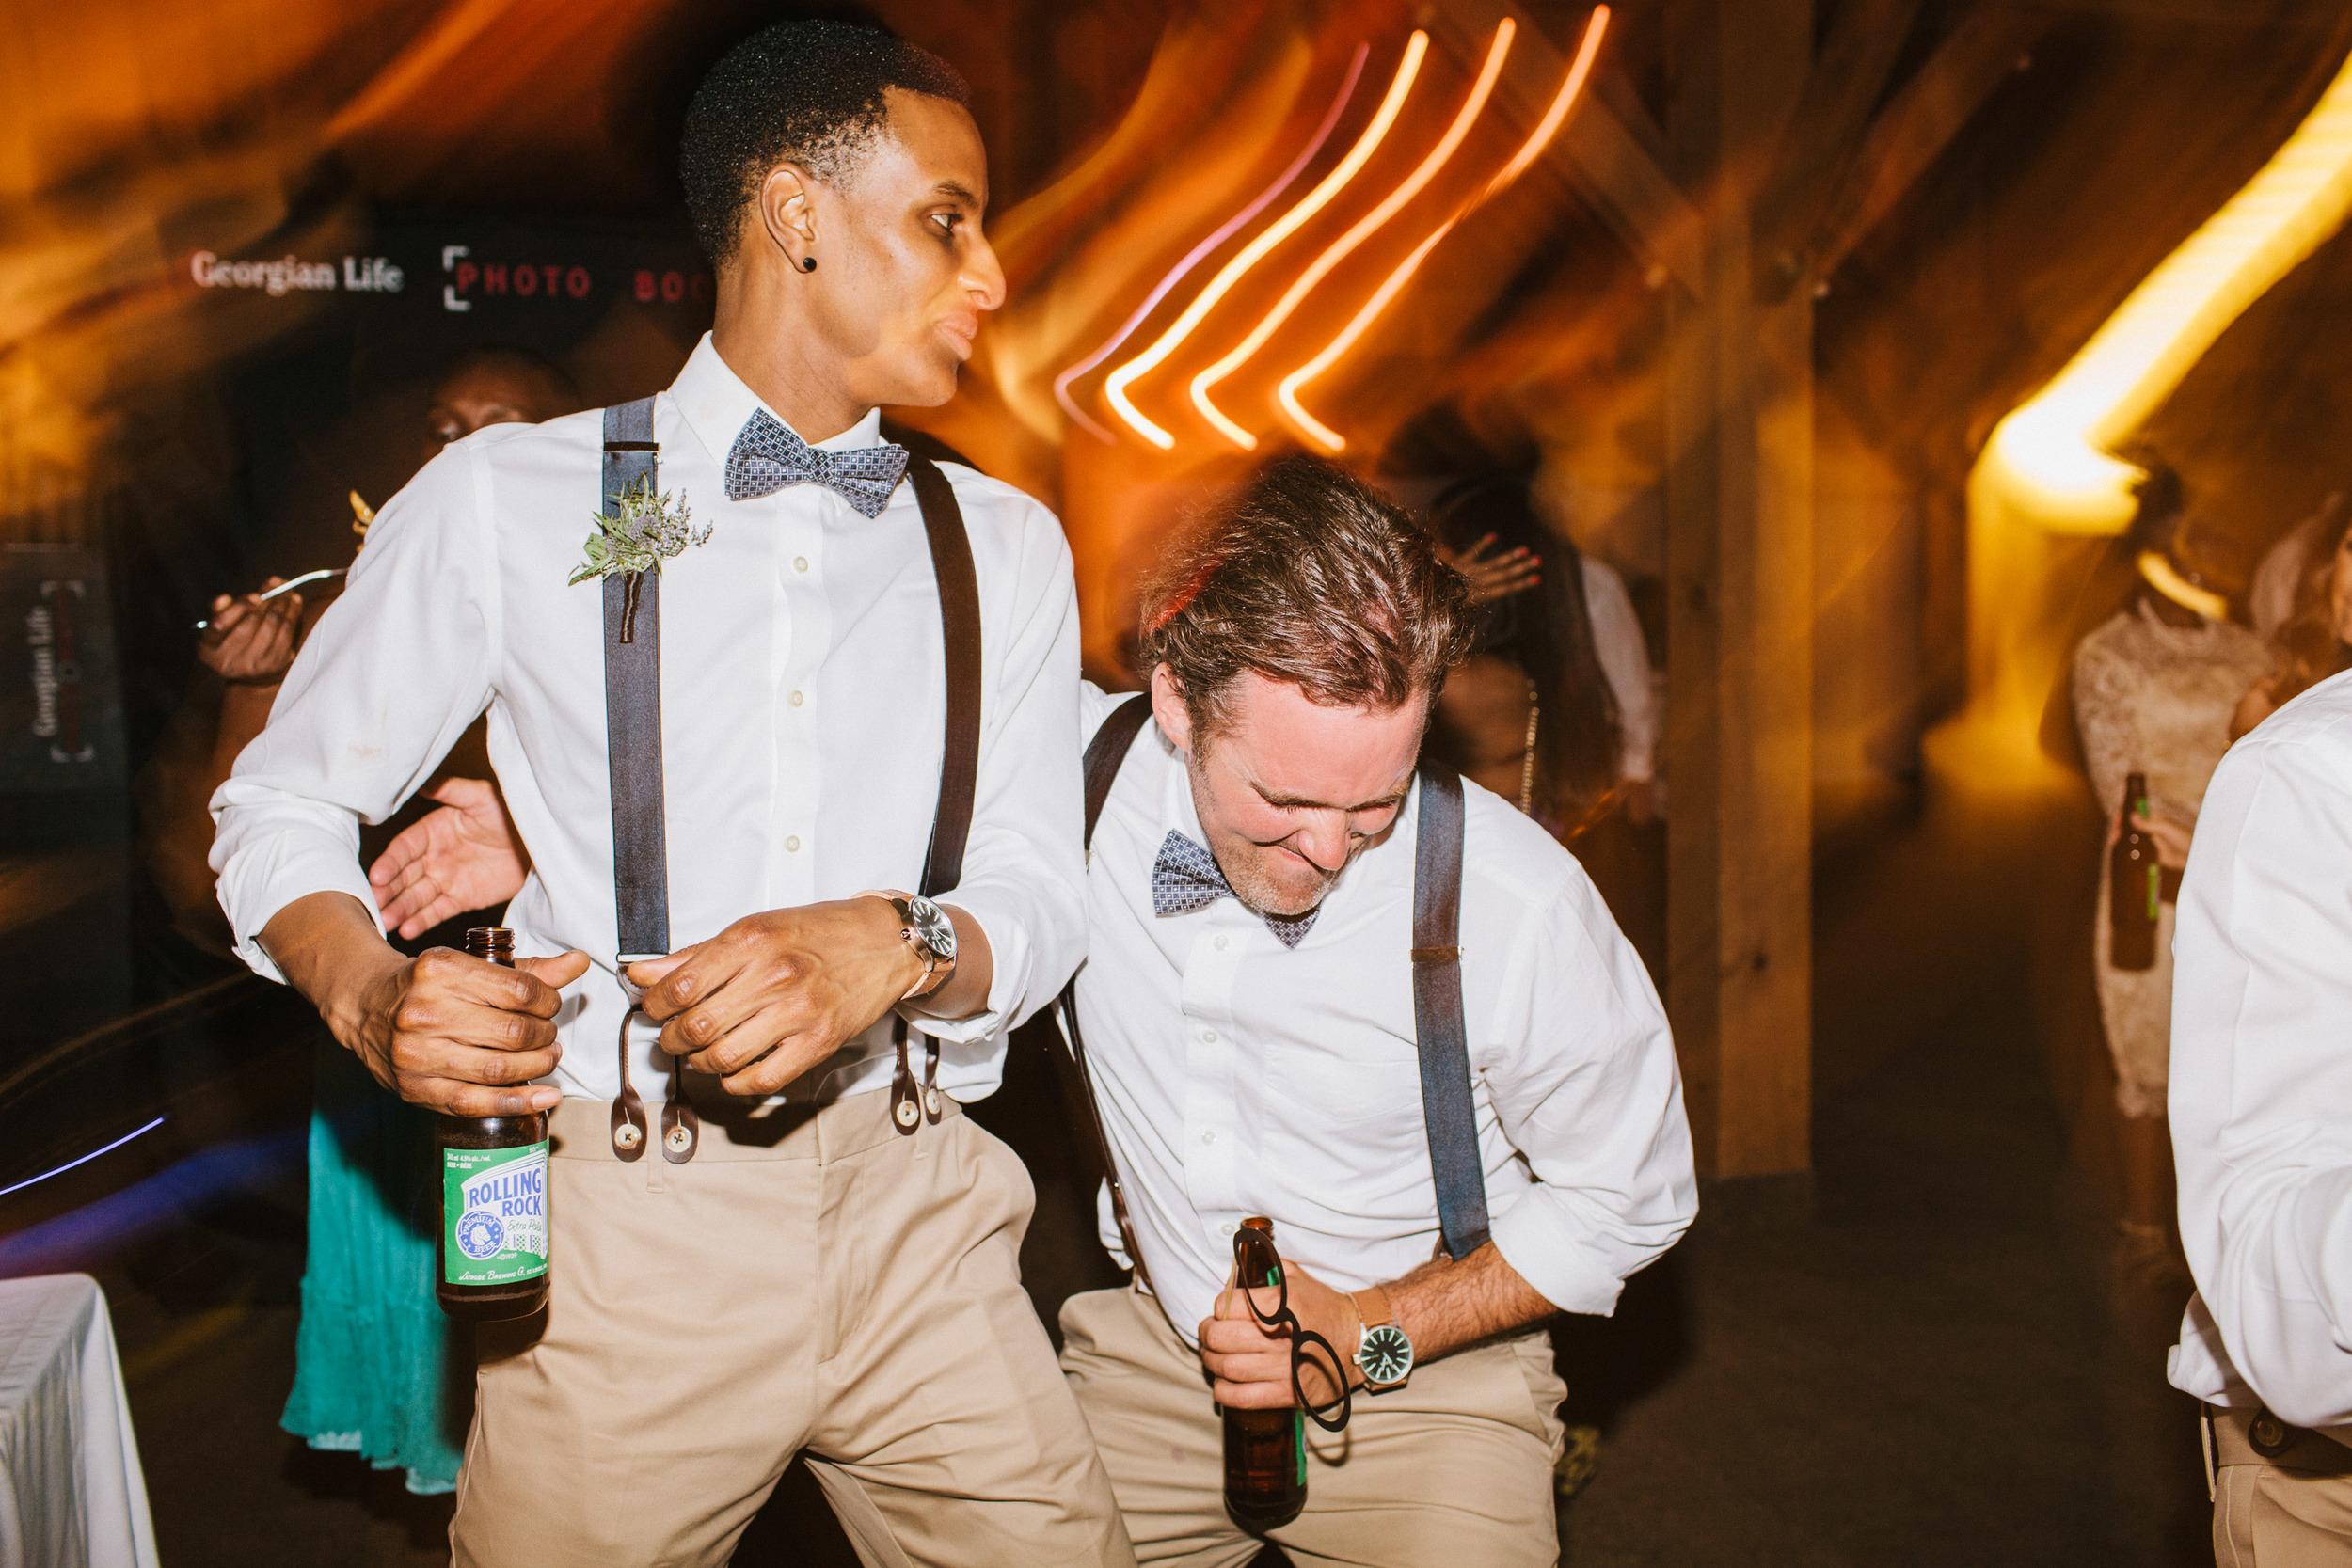 michael-rousseau-photography-shannae-ingleton-wedding-sean-craigleith-ski-club-wedding087.jpg